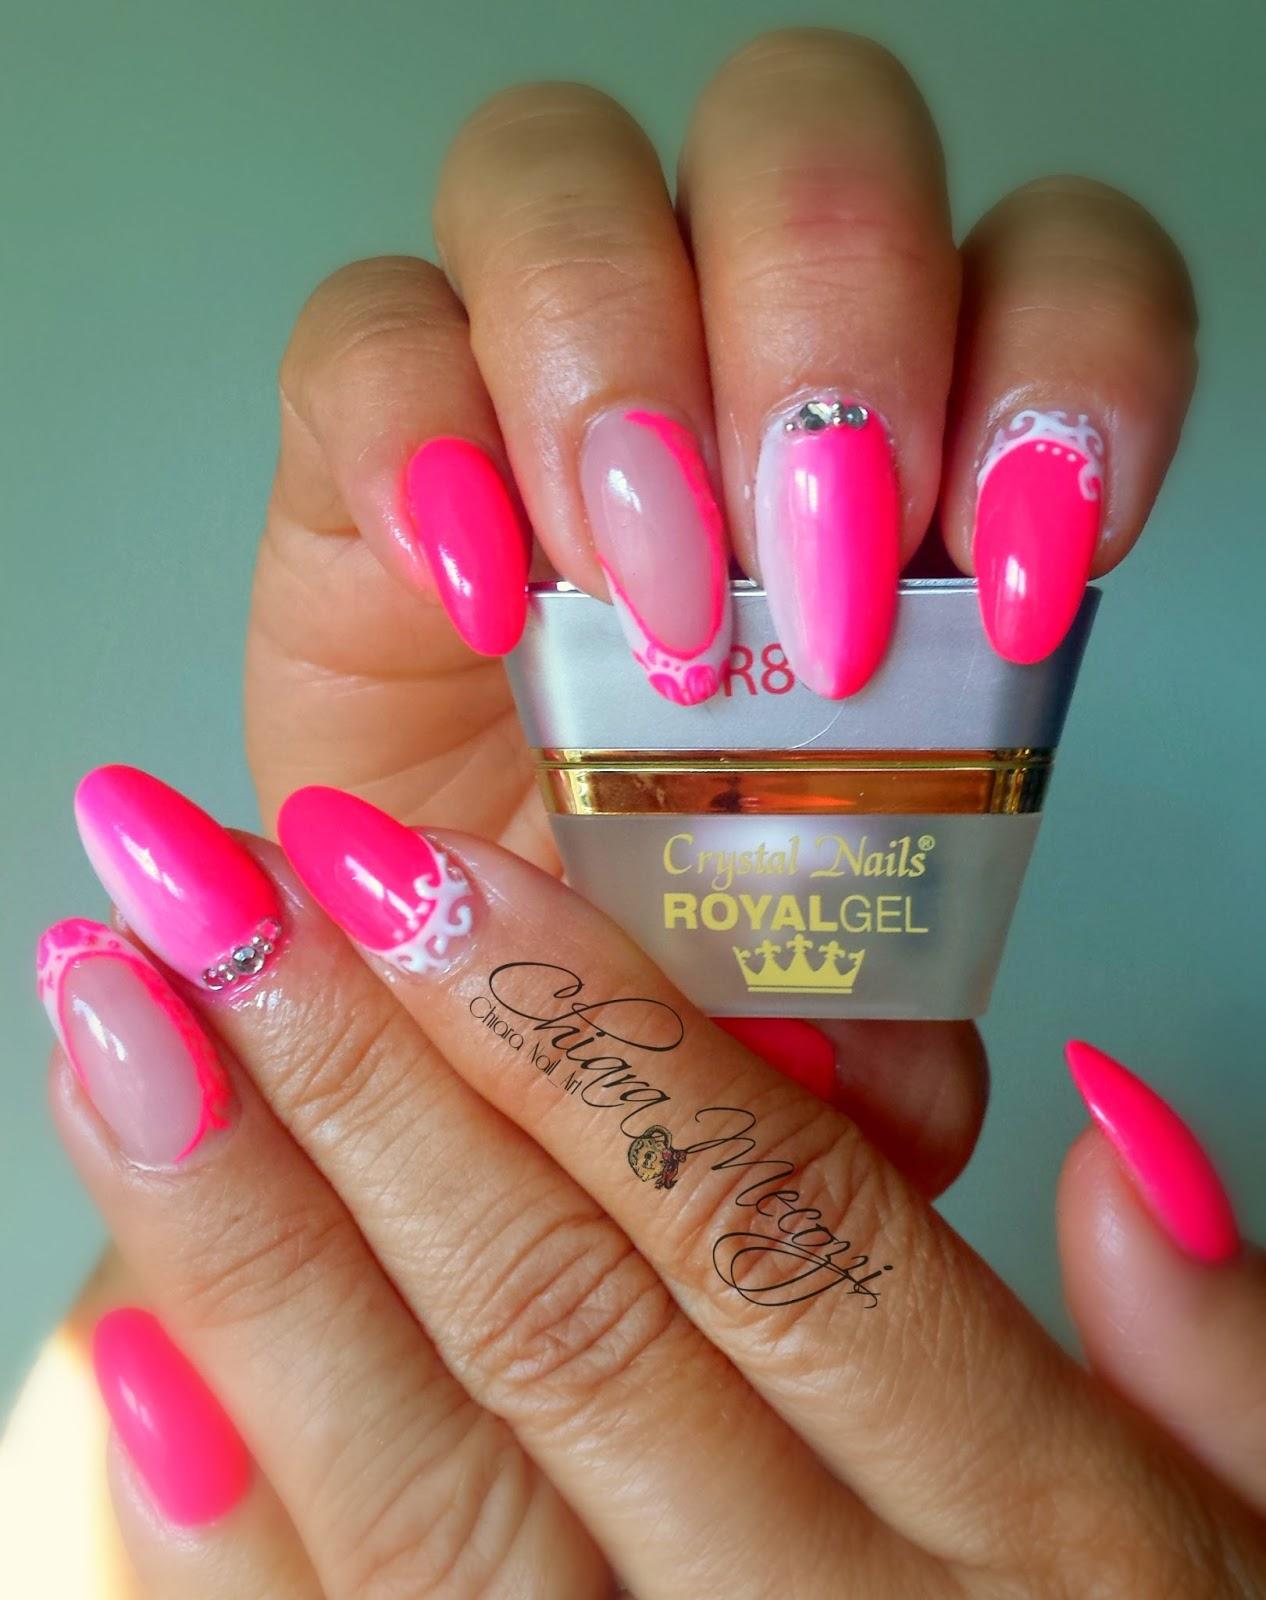 Unghie raffinate e piene di colore con i prodotti crystal nails italia chiara nail art blog - Unghie gel specchio ...